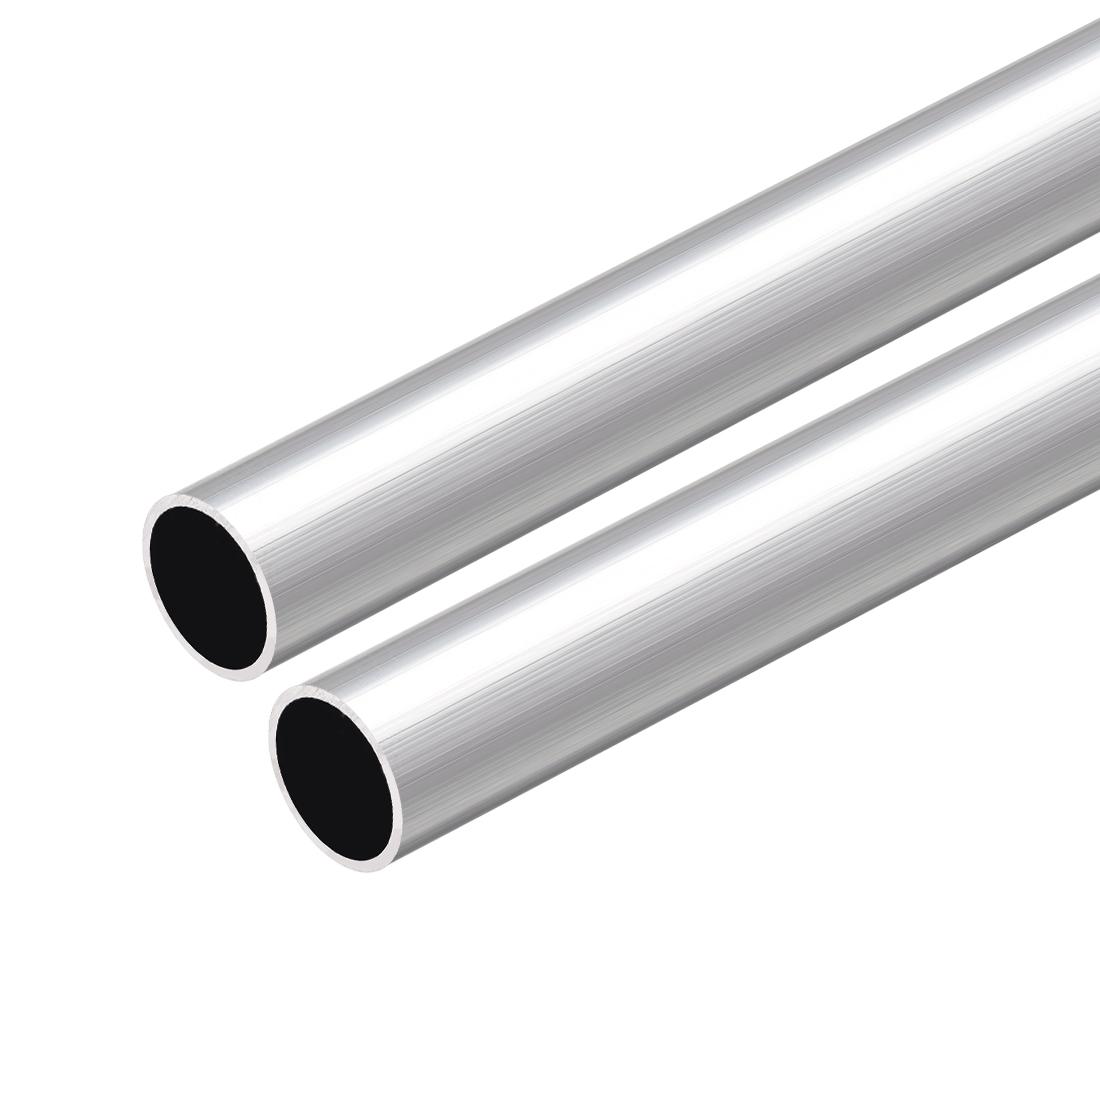 6063 Aluminum Round Tube 300mm Length 17mm OD 15mm Inner Dia Seamless Tube 2 Pcs